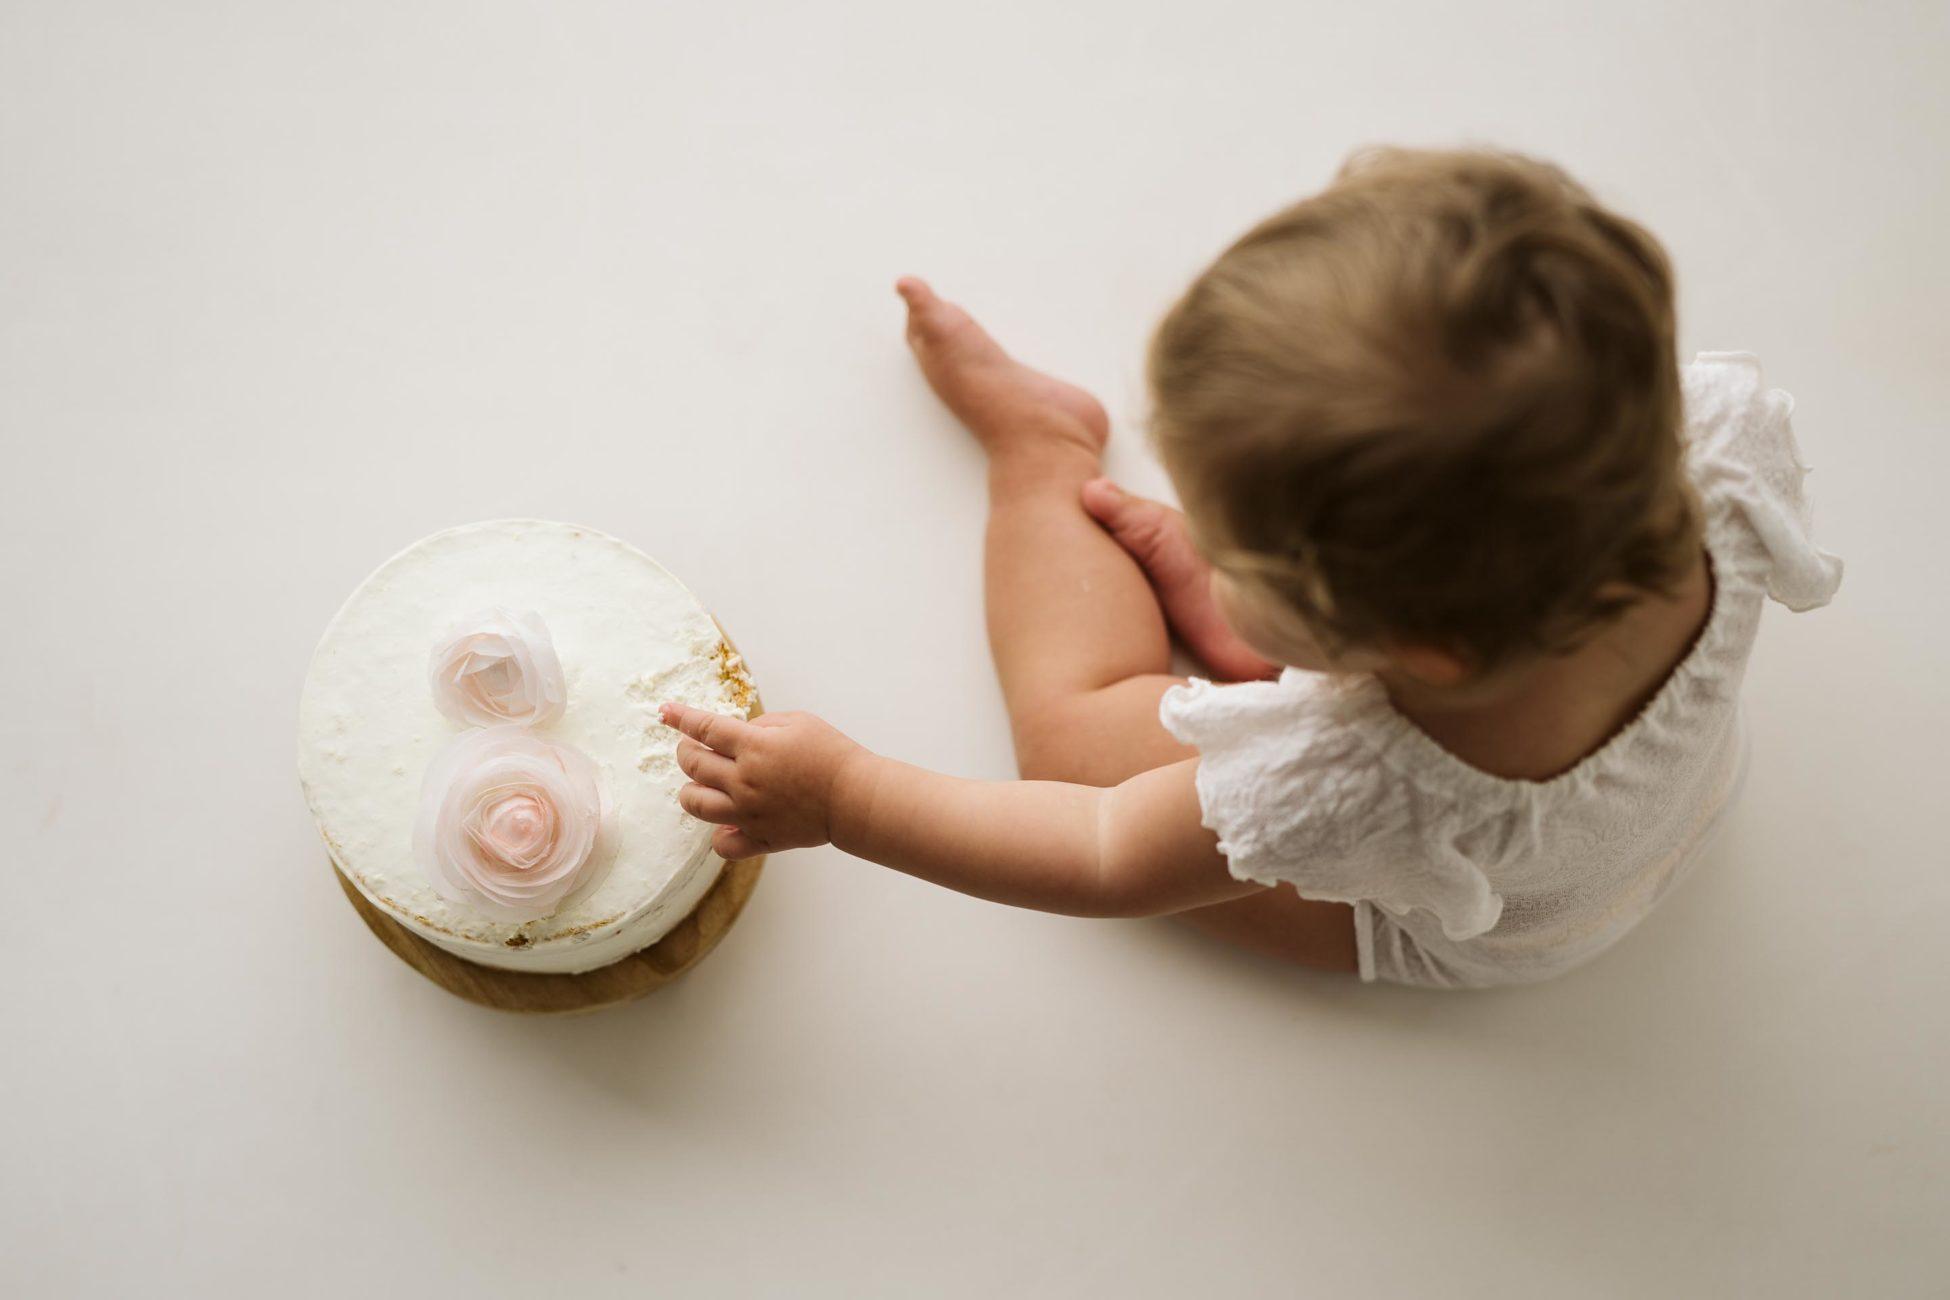 Servizio fotografico smash cake - Fotografie per sempre